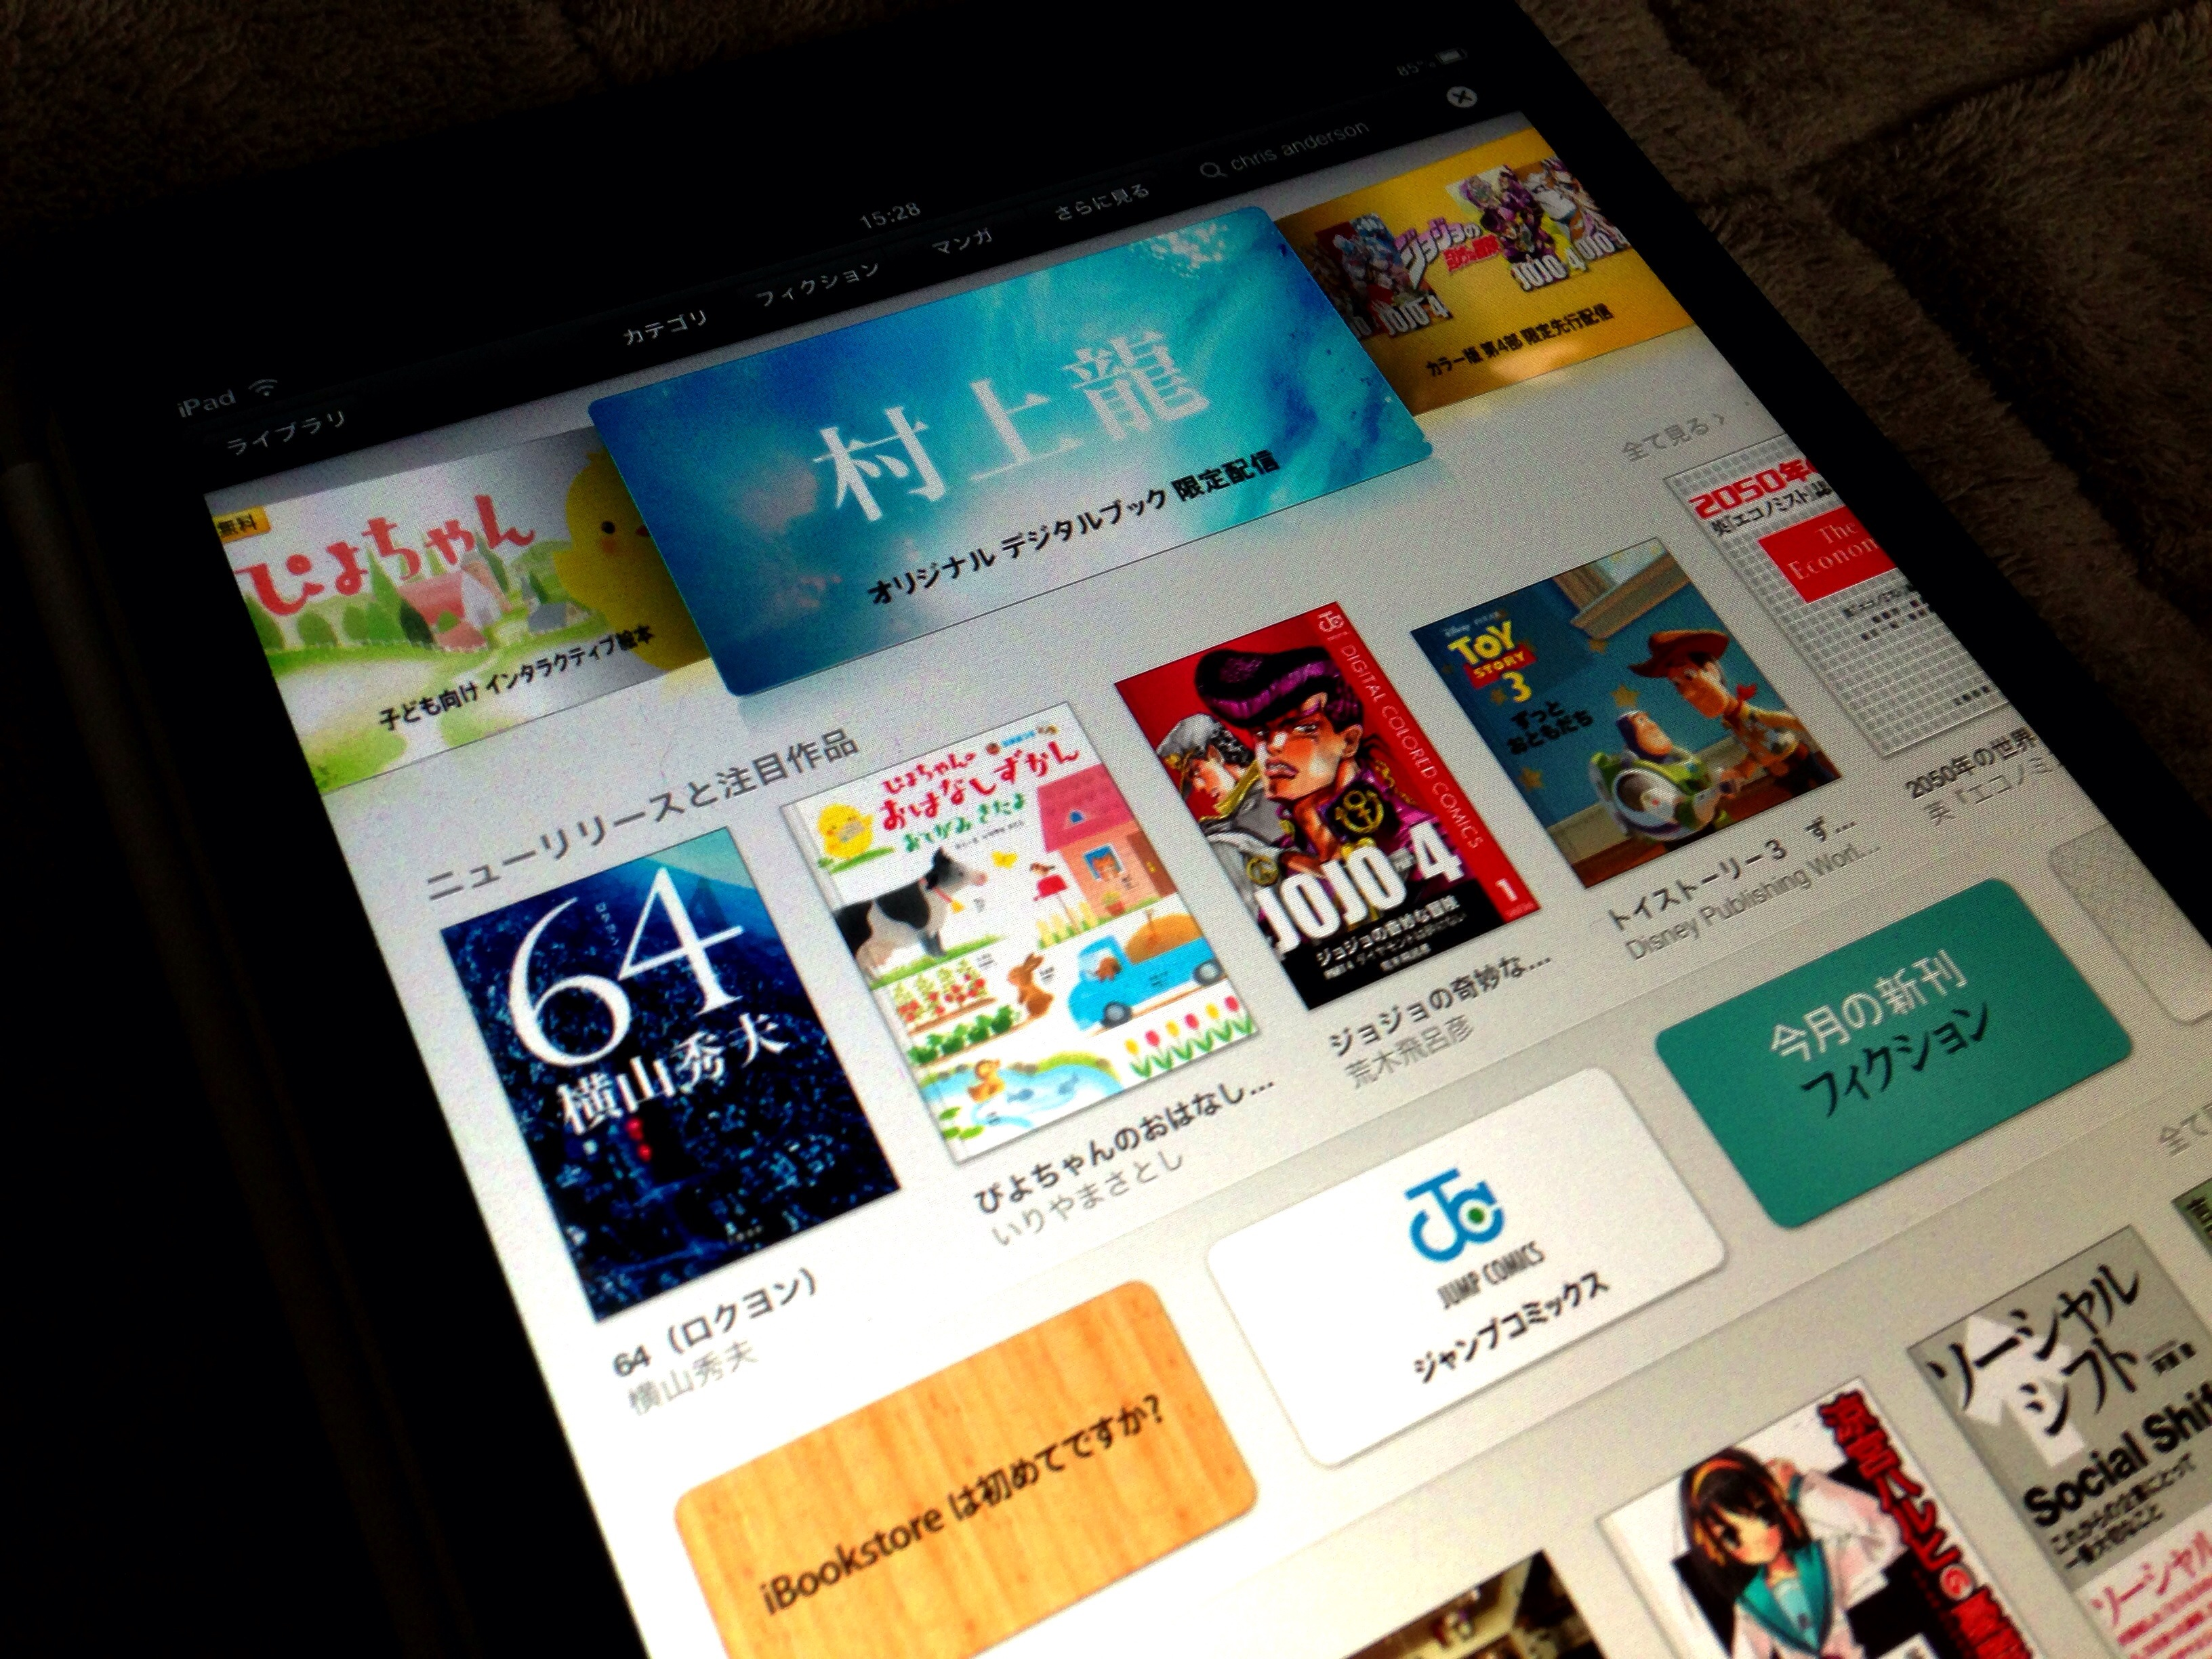 電子書籍ストア本命2社!iBookstoreを「ハードカバー本」、Kindleを「文庫本」と考えて併用することにした